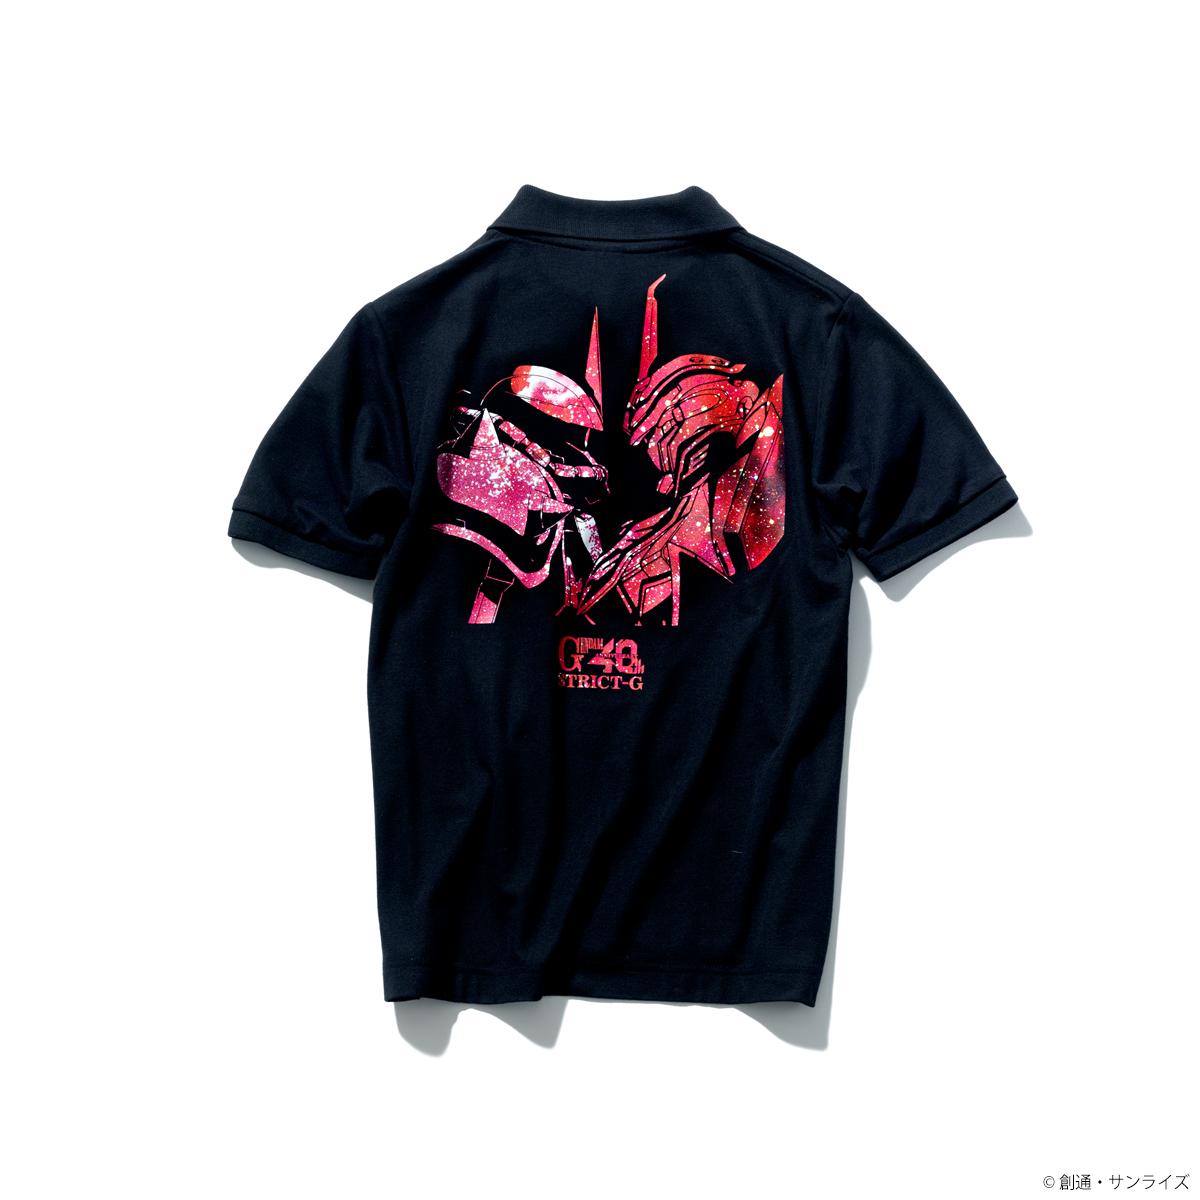 『機動戦士ガンダム』40周年記念グラデーション柄ポロシャツ シャア専用ザクII&シナンジュ